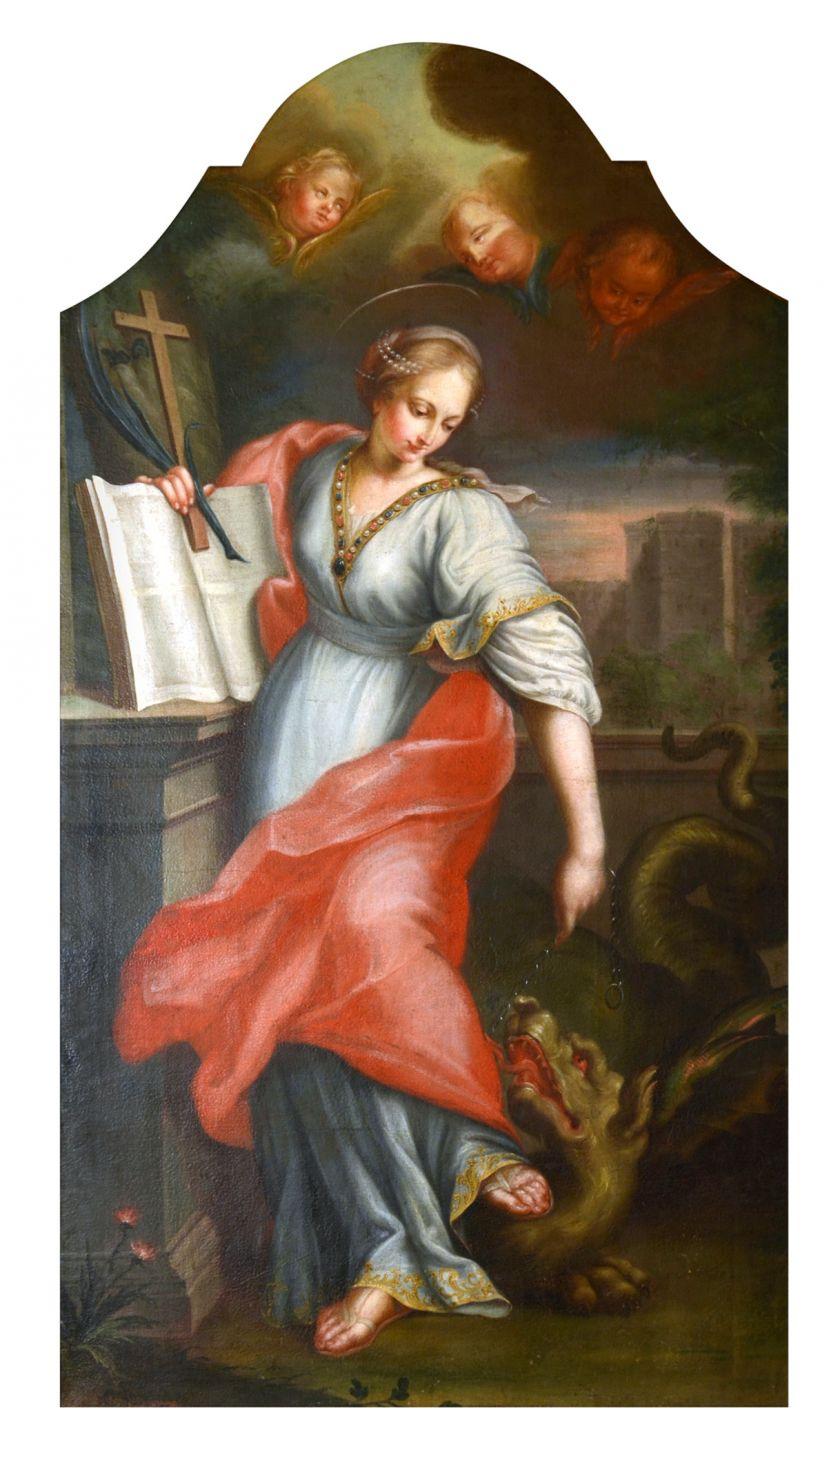 Johann Heinrich Kynast, Św. Małgorzata, lata 50. XVIII wieku.  Parafia rzymskokatolicka pw. Chrystusa Króla w Nowym Świętowie